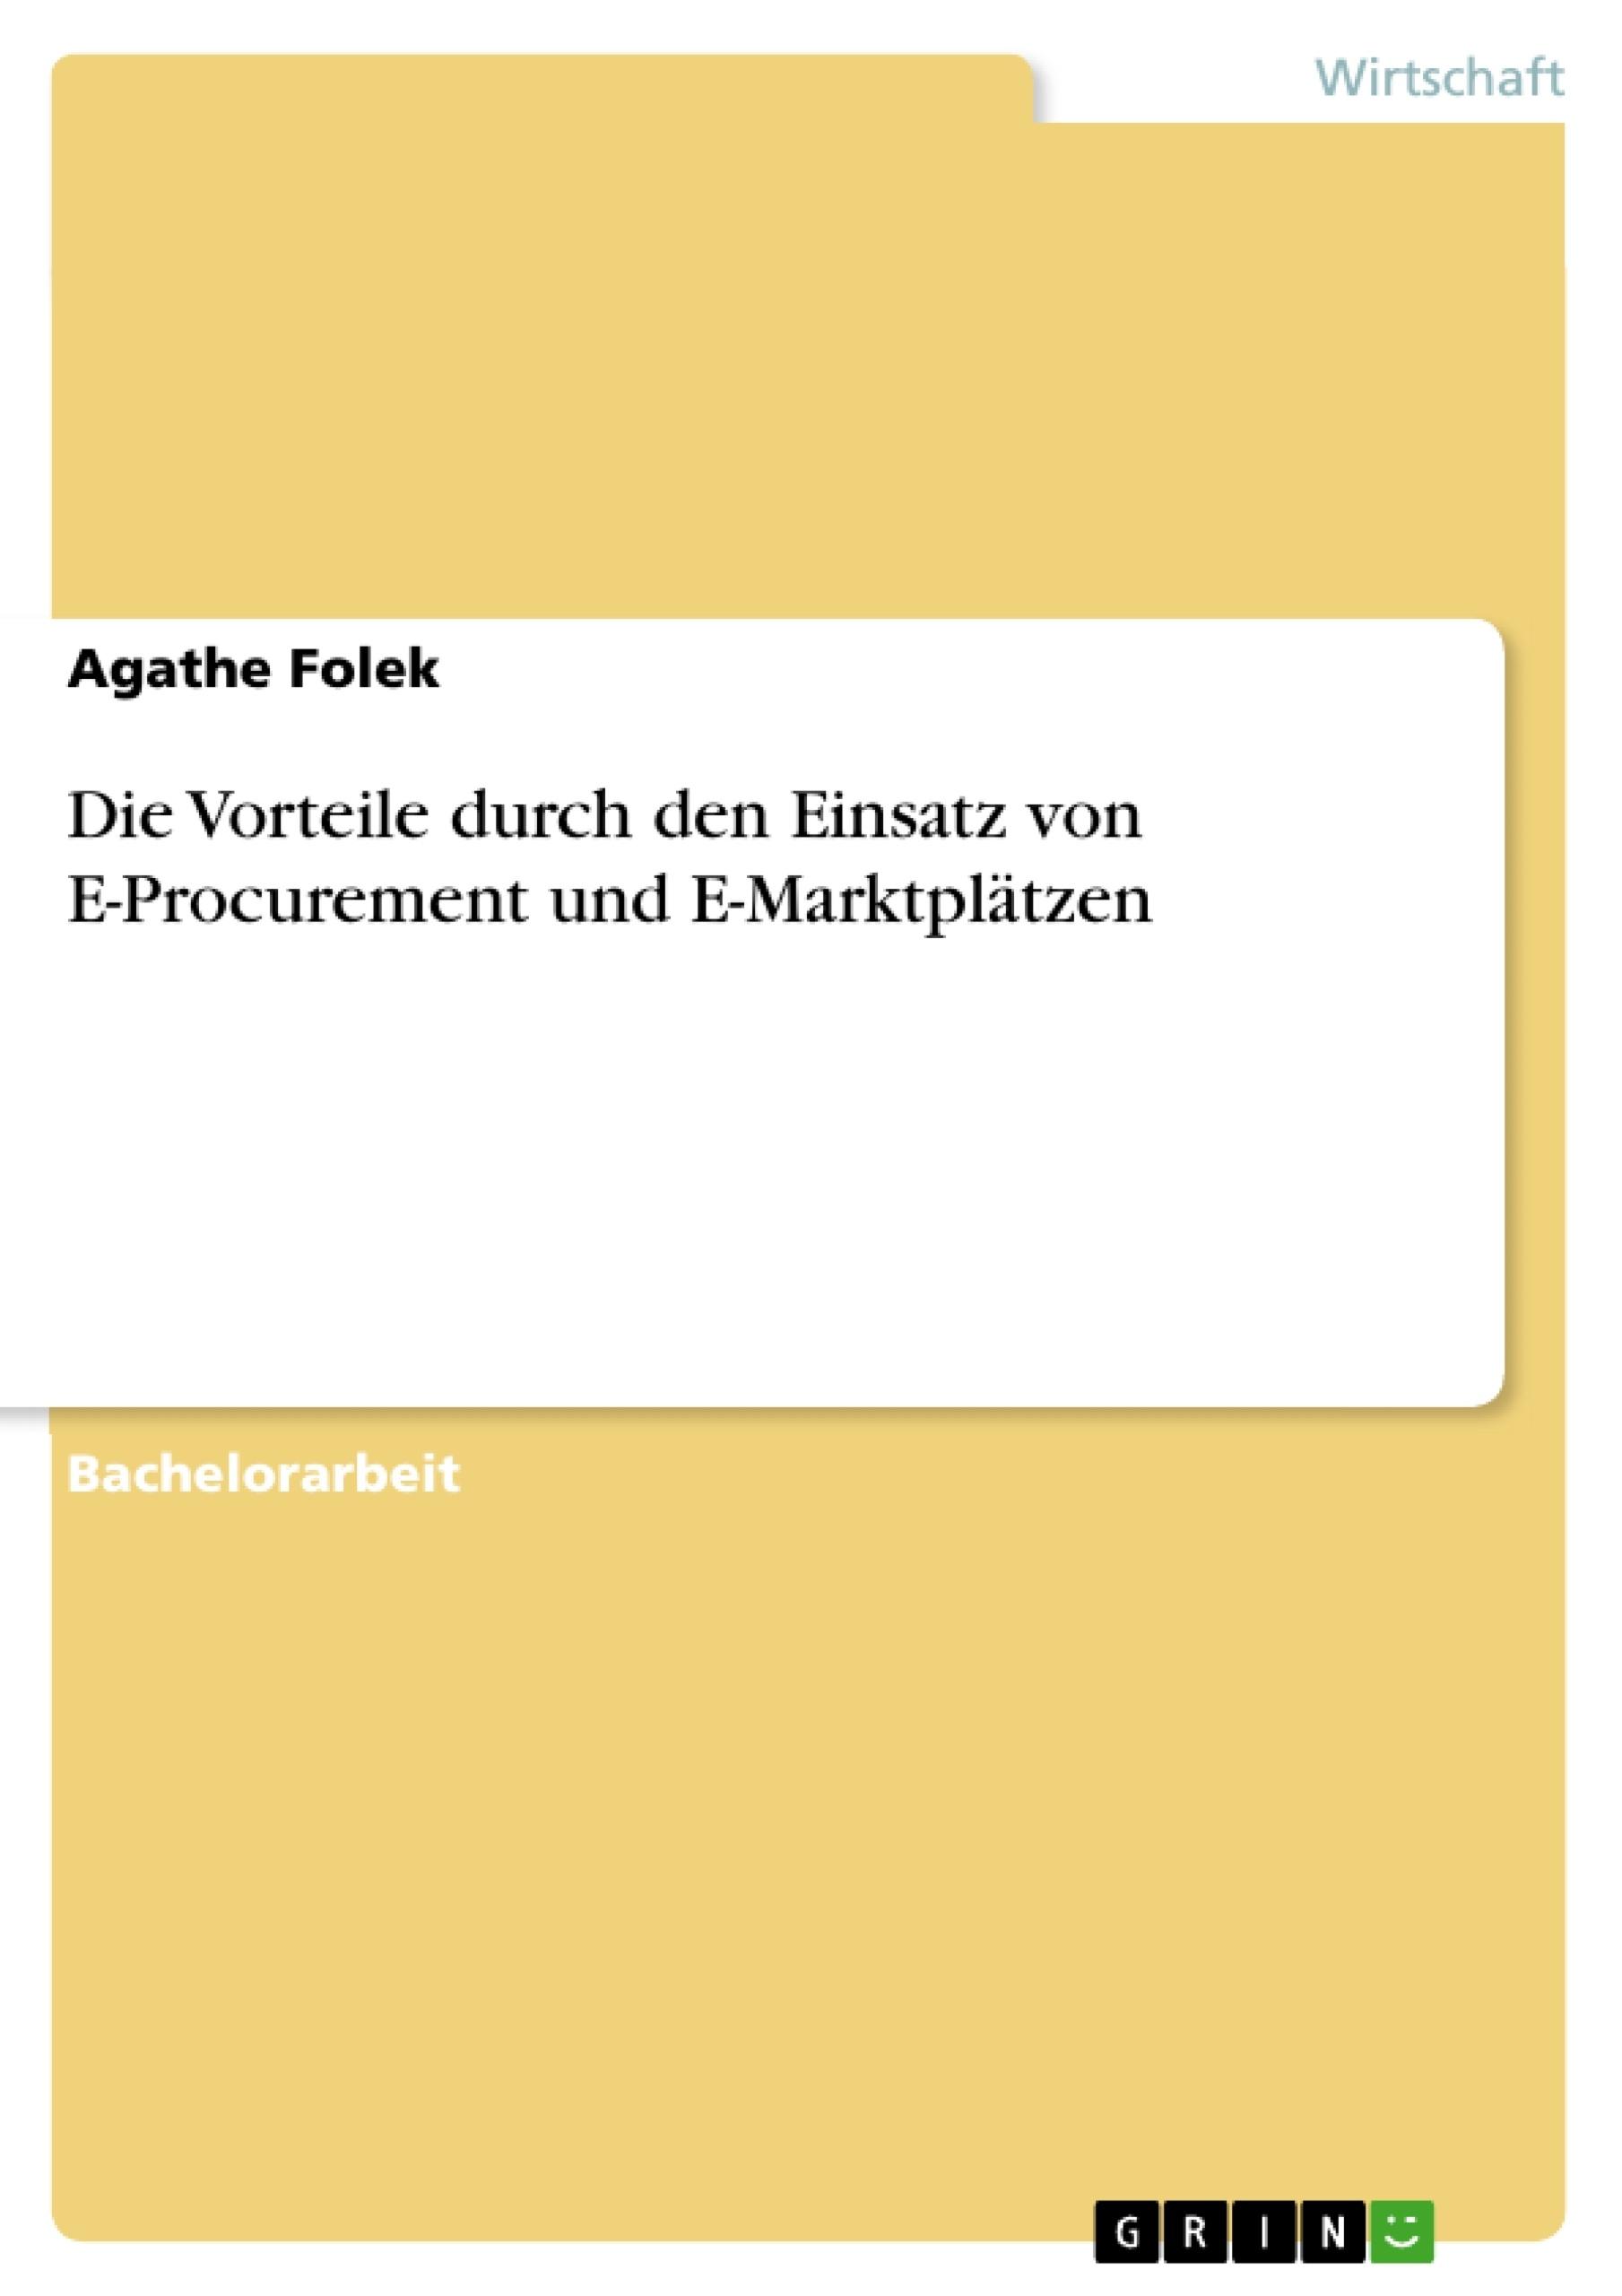 Titel: Die Vorteile durch den Einsatz von E-Procurement und E-Marktplätzen